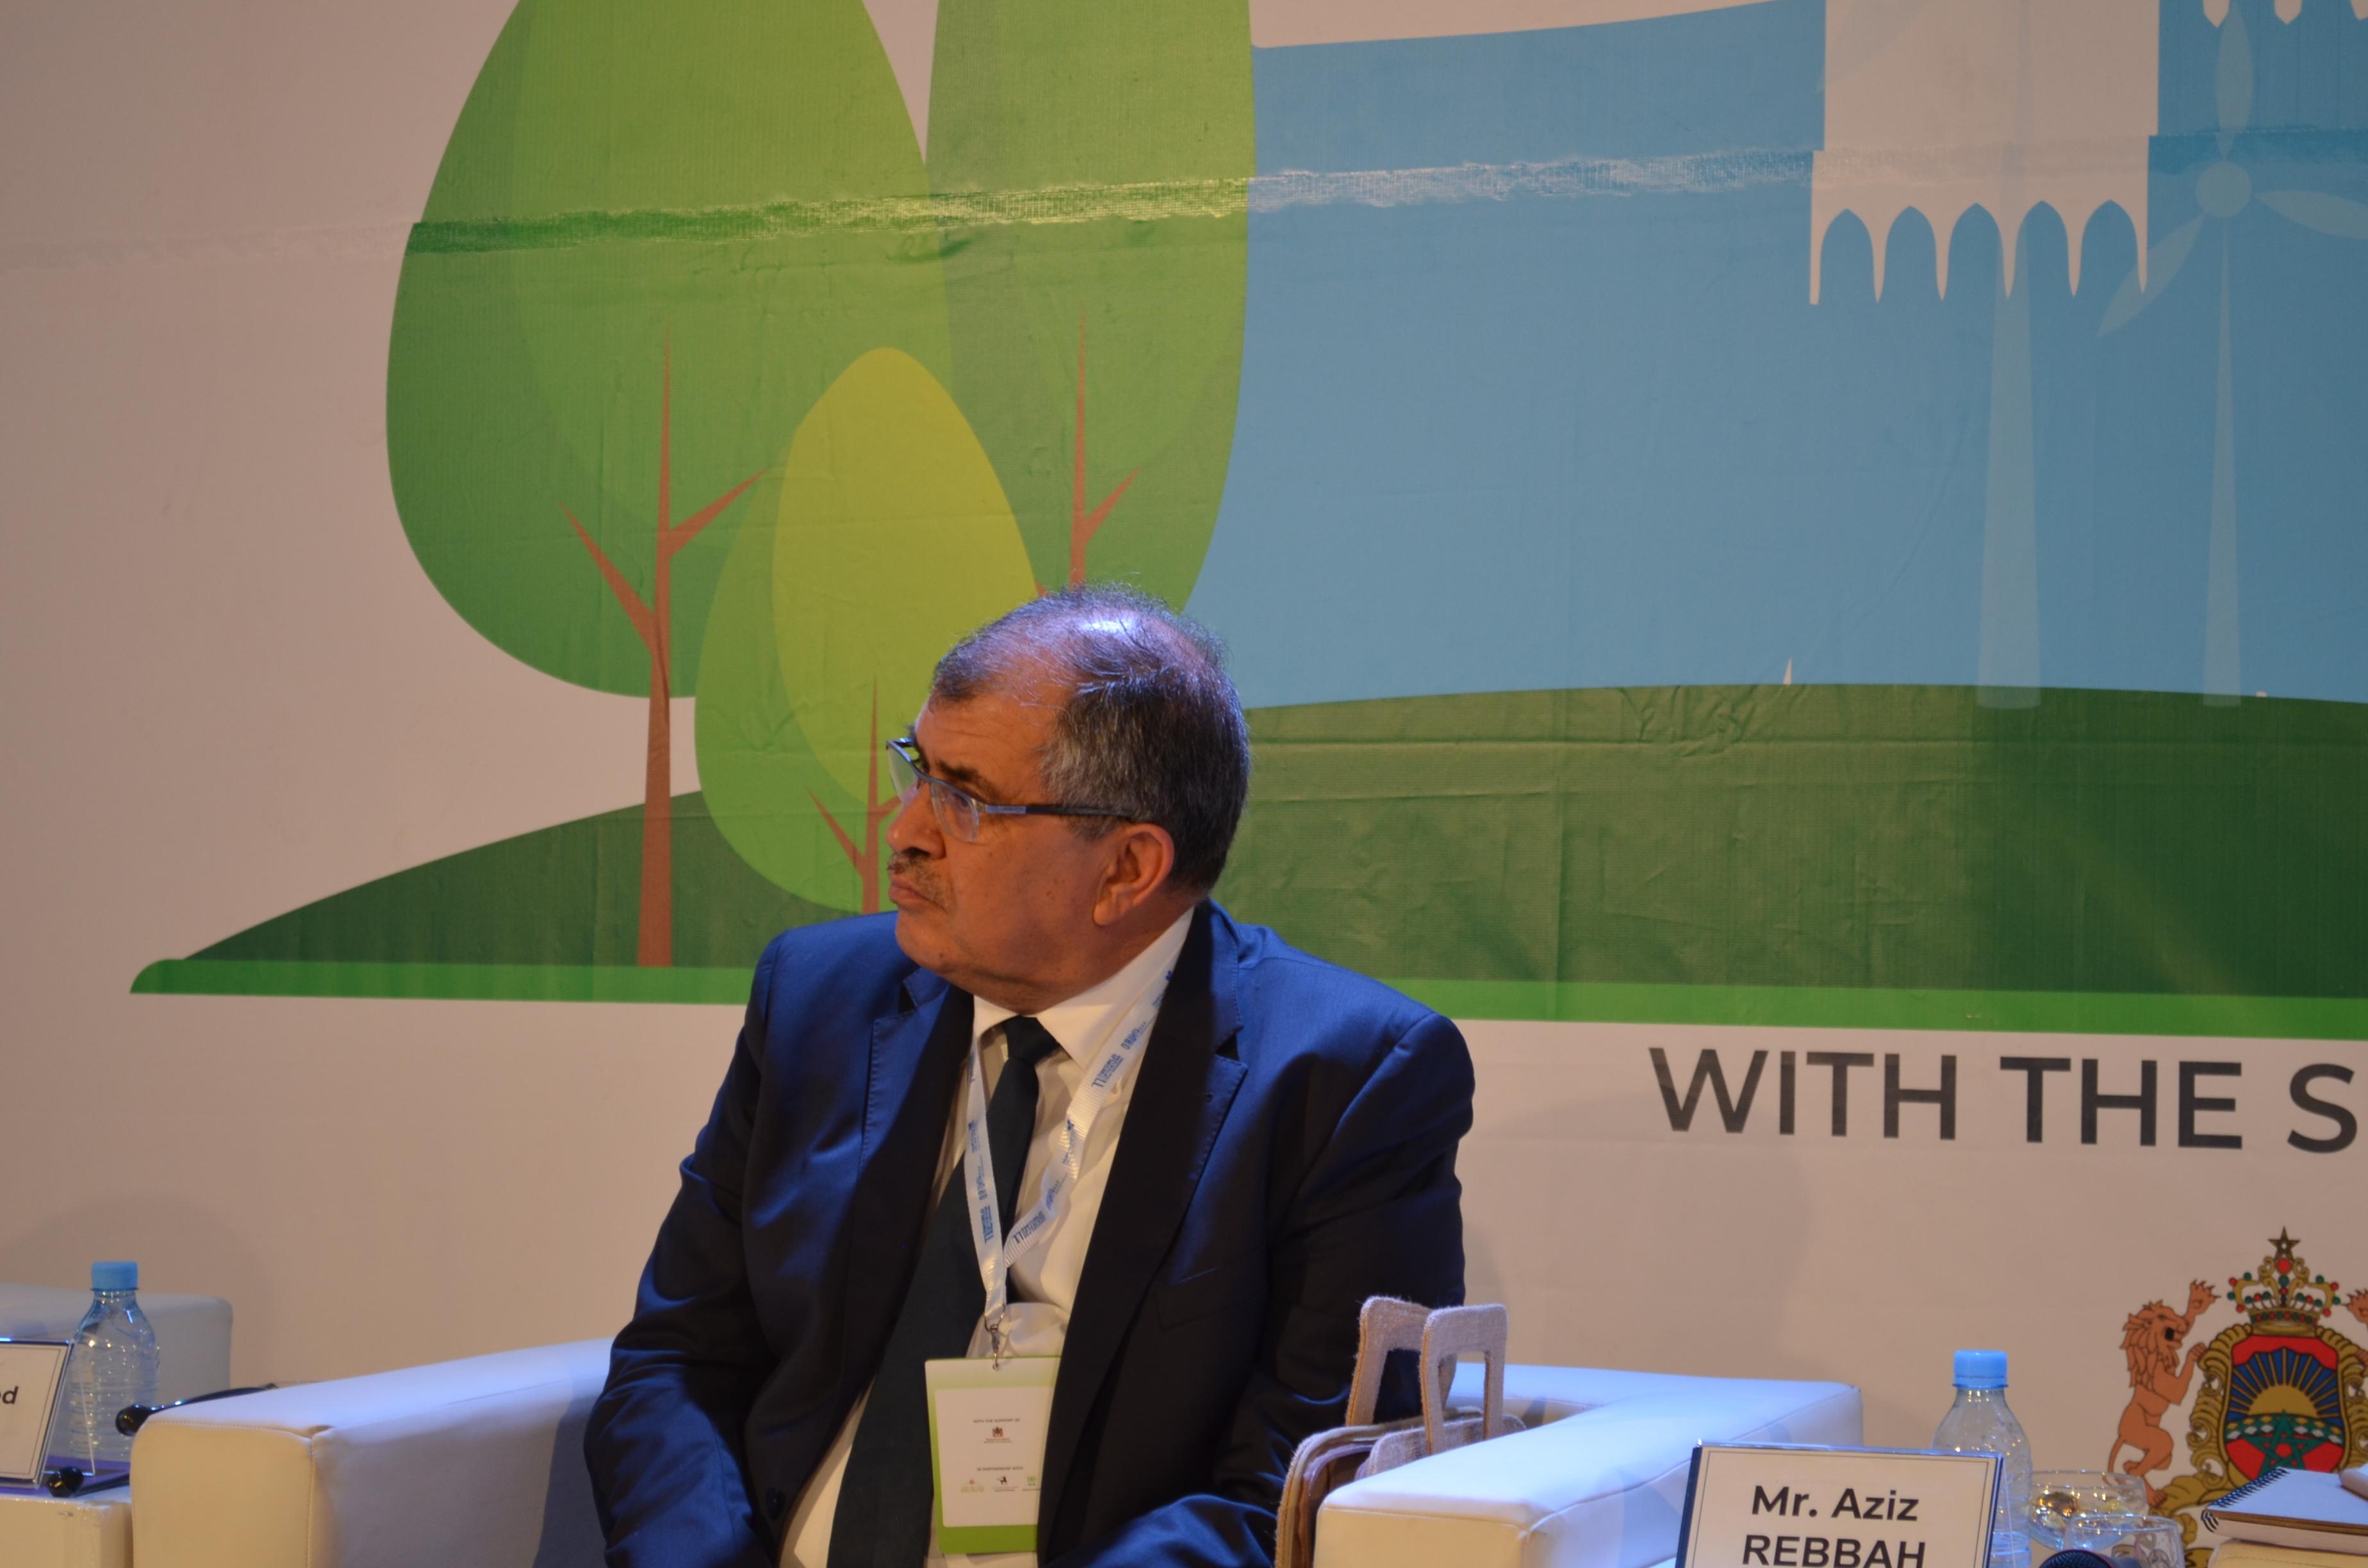 كلمة ترحيبية من عبد الصمد سكال في المنتدى العالمي للجهات : الدورة 11